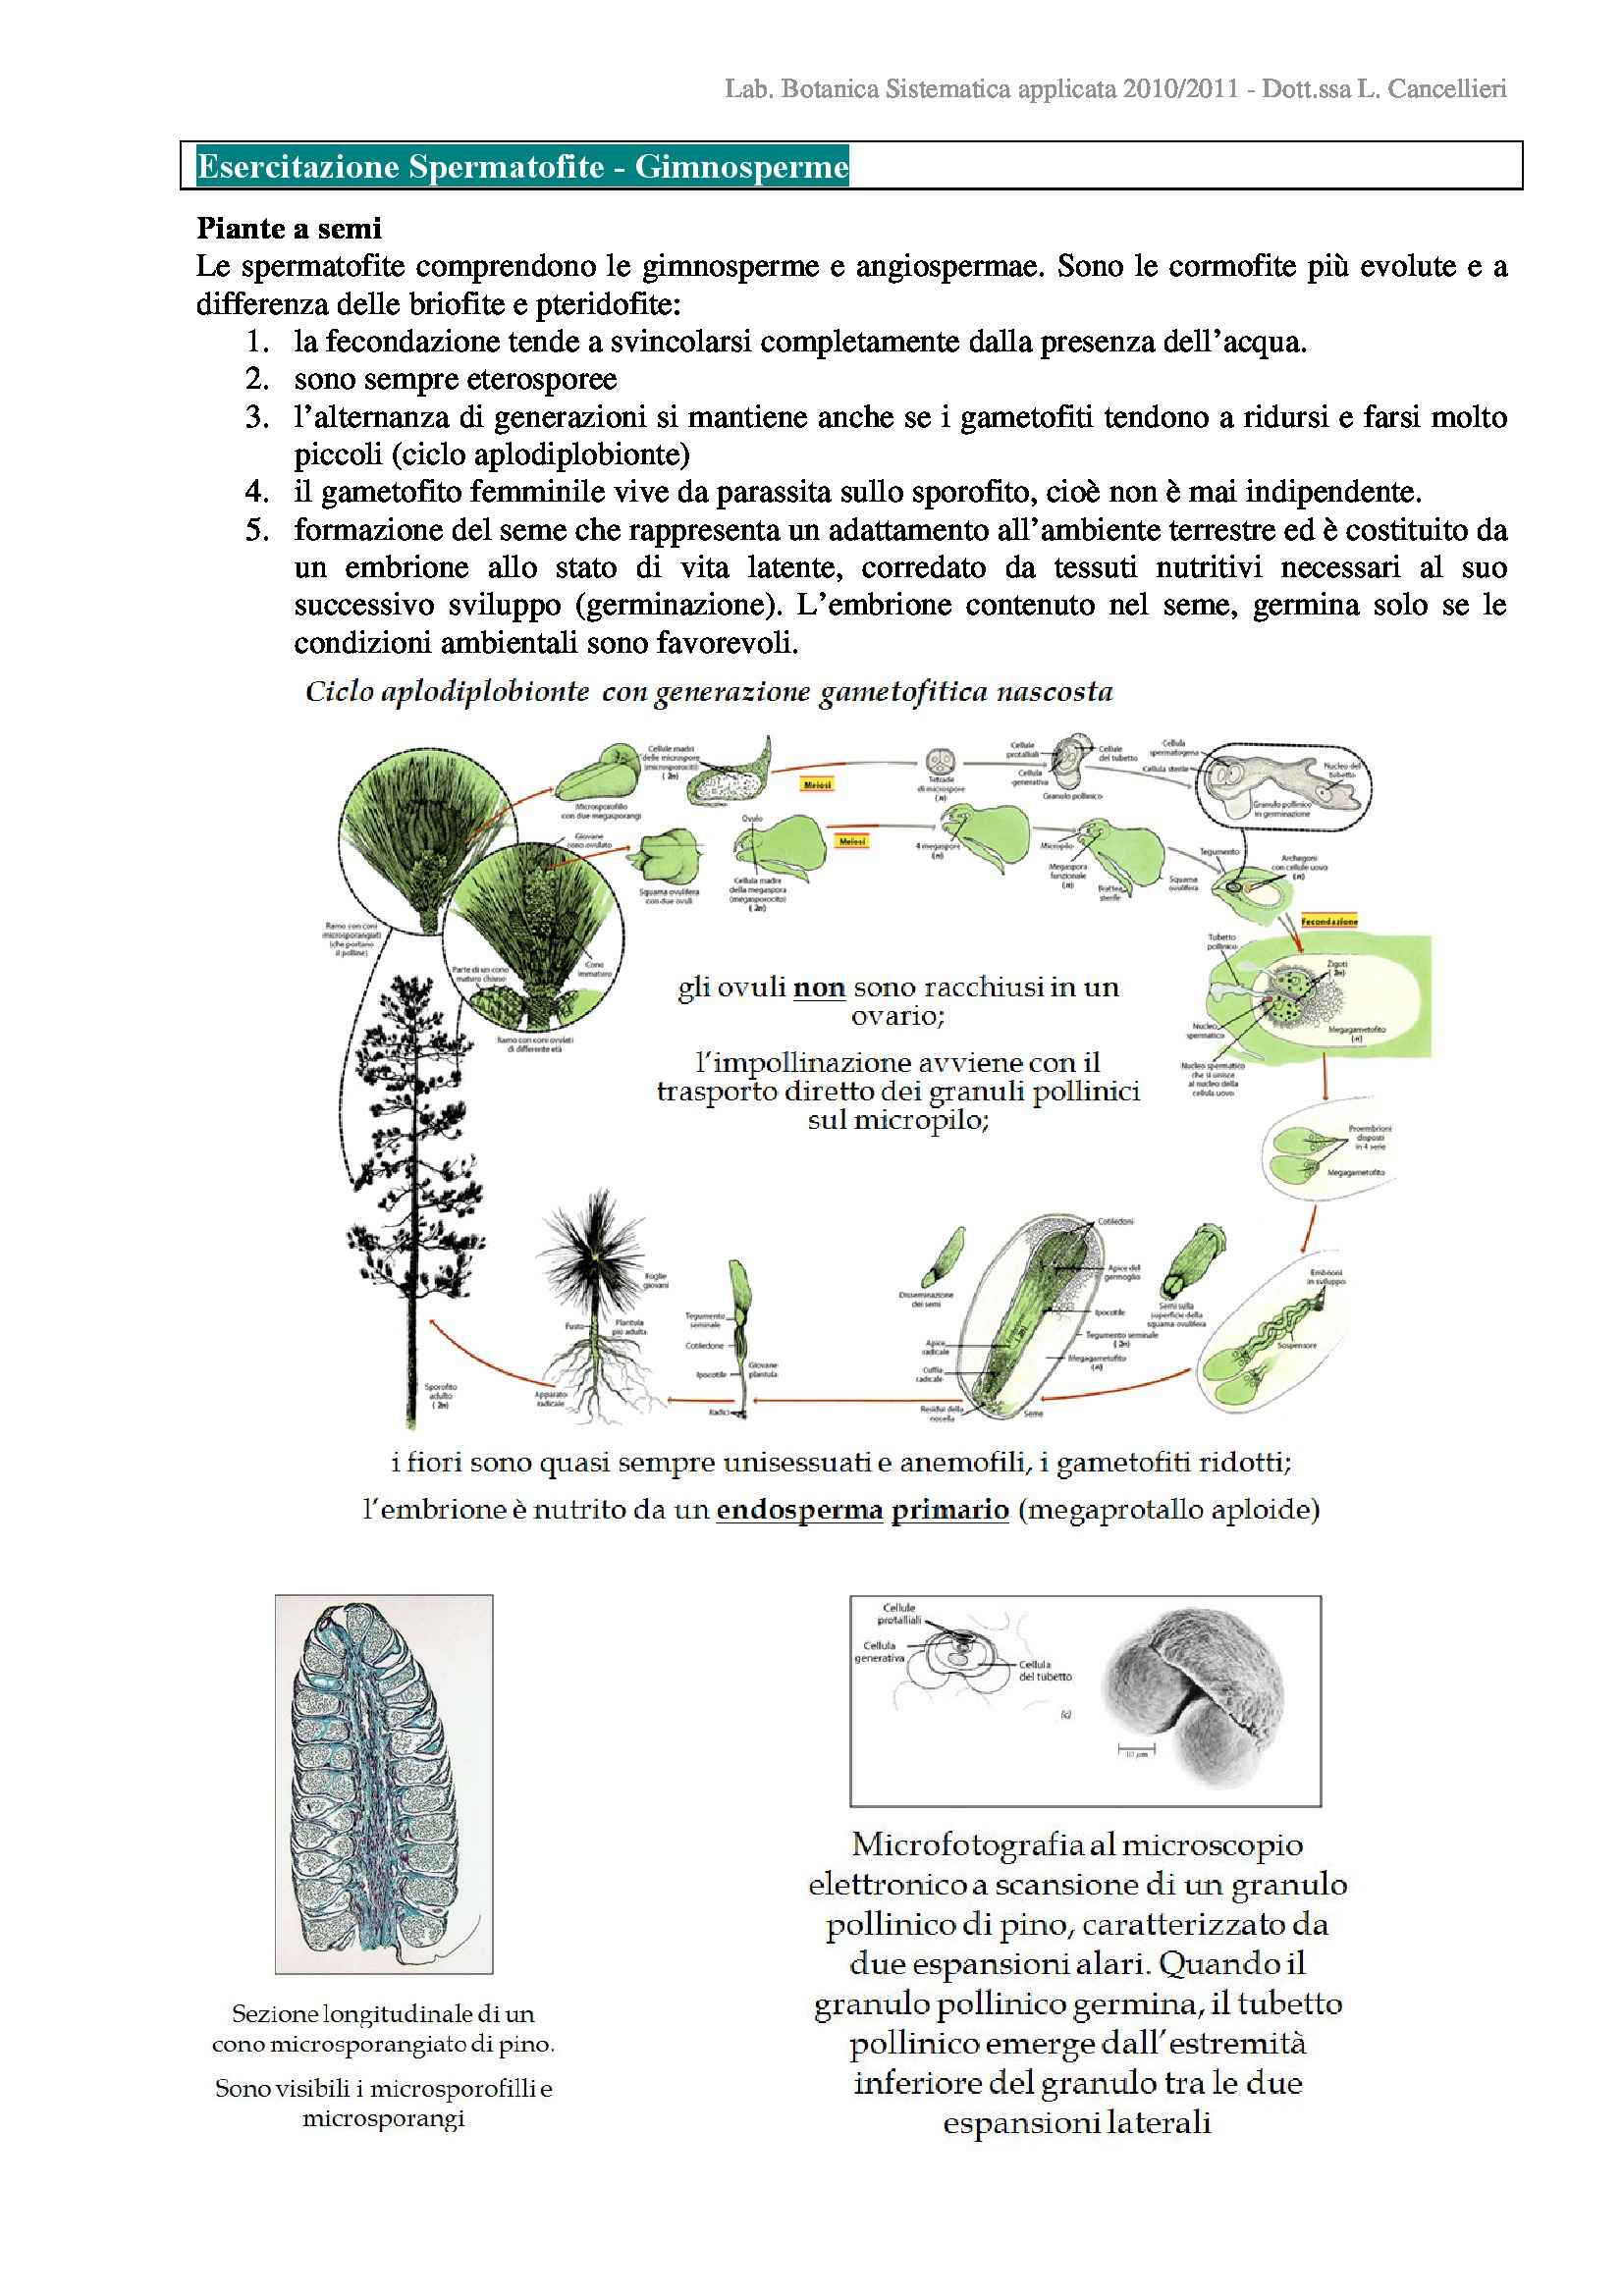 Spermatofite - Gimnosperme